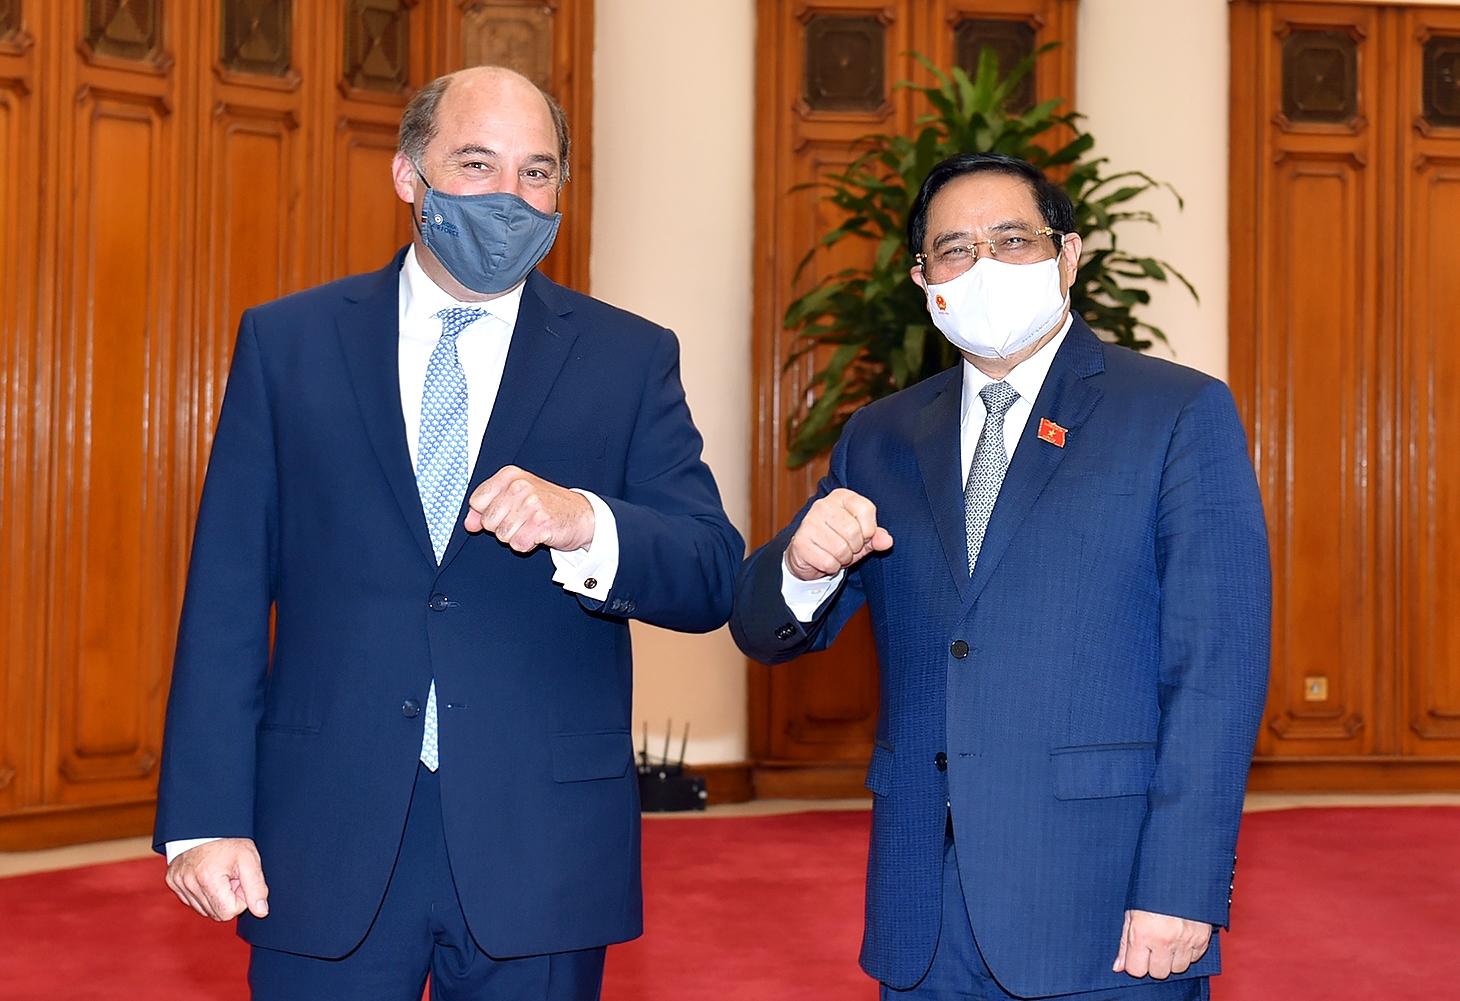 Bộ trưởng Quốc phòng Anh Ben Wallace khẳng định Anh luôn coi trọng quan hệ Đối tác chiến lược với Việt Nam; đánh giá cao những đóng góp quan trọng của Việt Nam tại khu vực và quốc tế. - Ảnh: VGP/Nhật Bắc